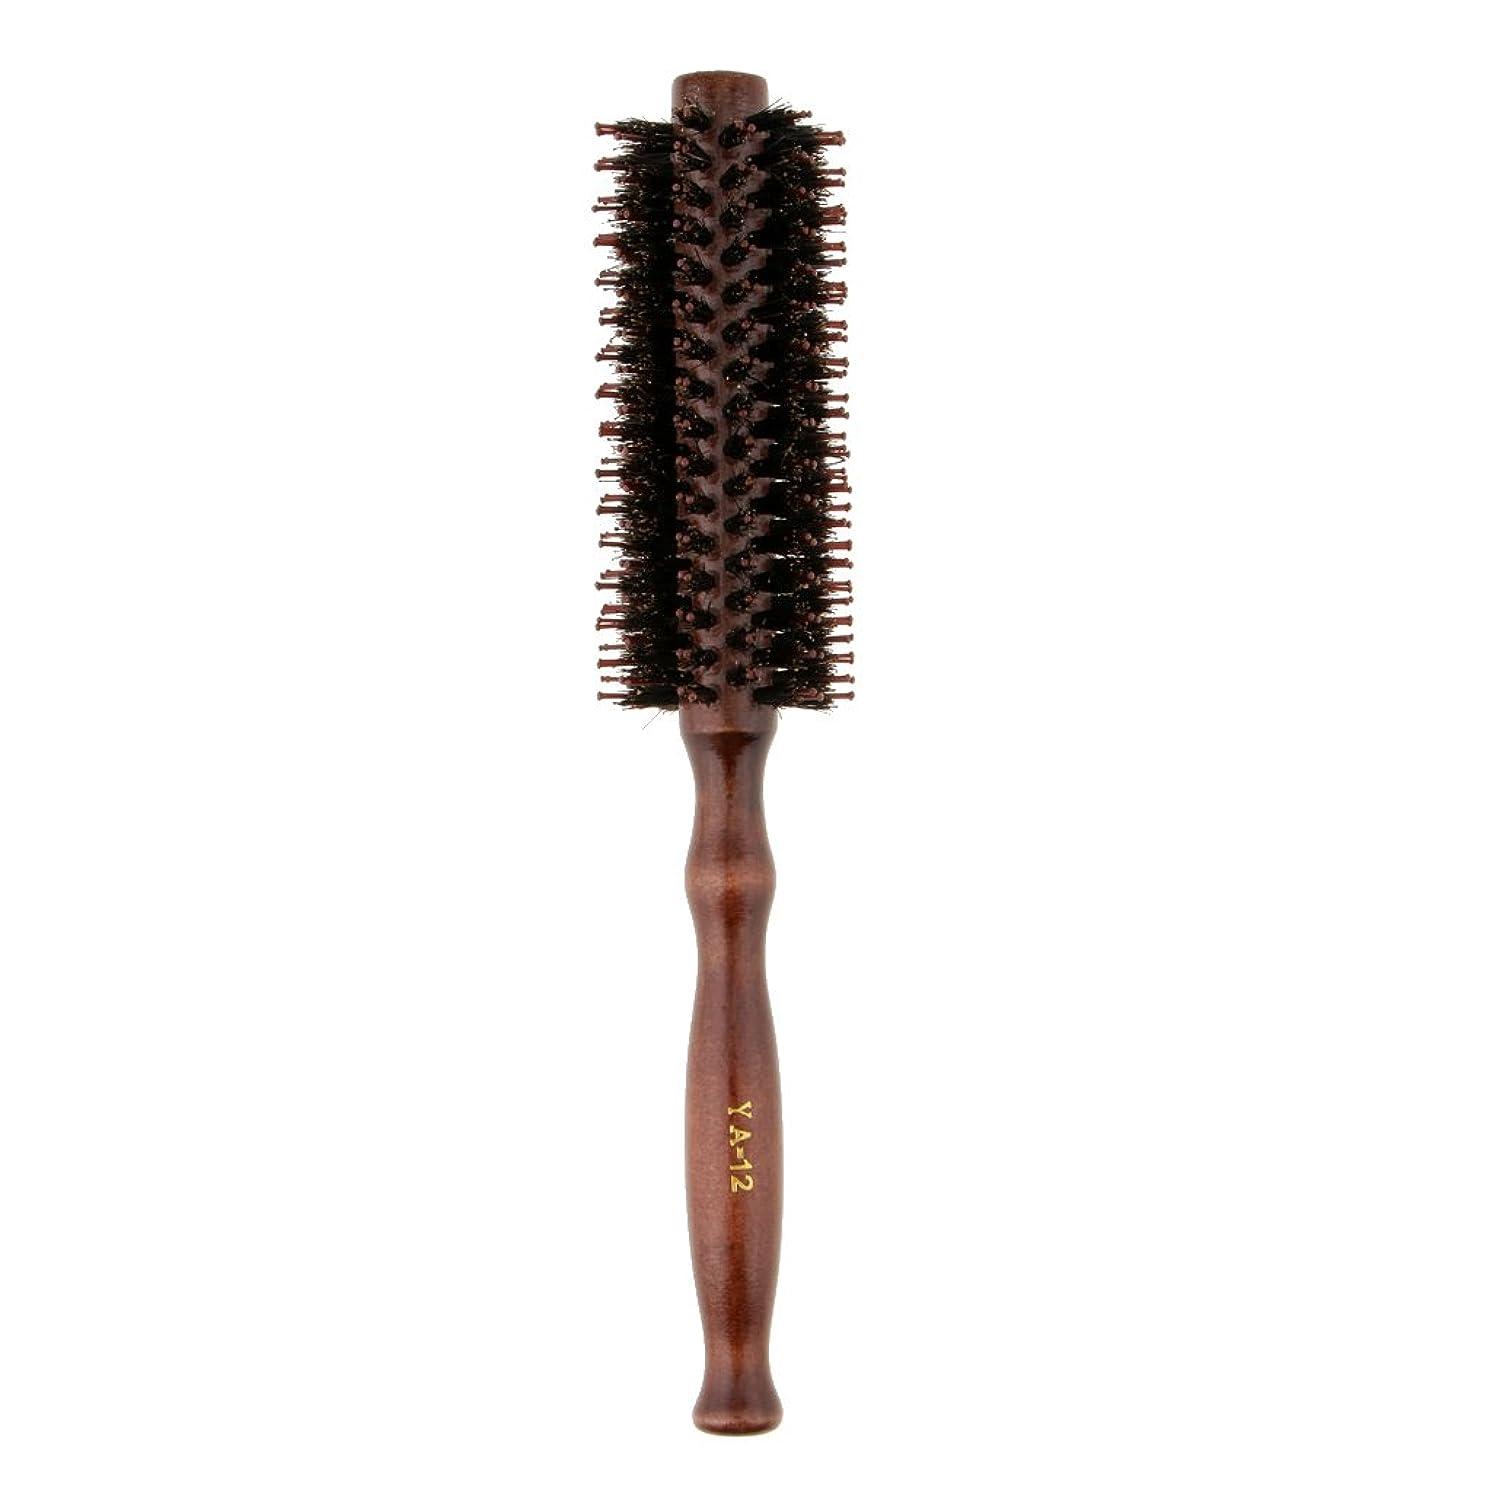 ブレース無礼にカフェFenteer ロールブラシ ヘアブラシ 木製ハンドル 滑らか 仕上げ 速乾性 軽量 理髪 美容 カール 2タイプ選べる - #2